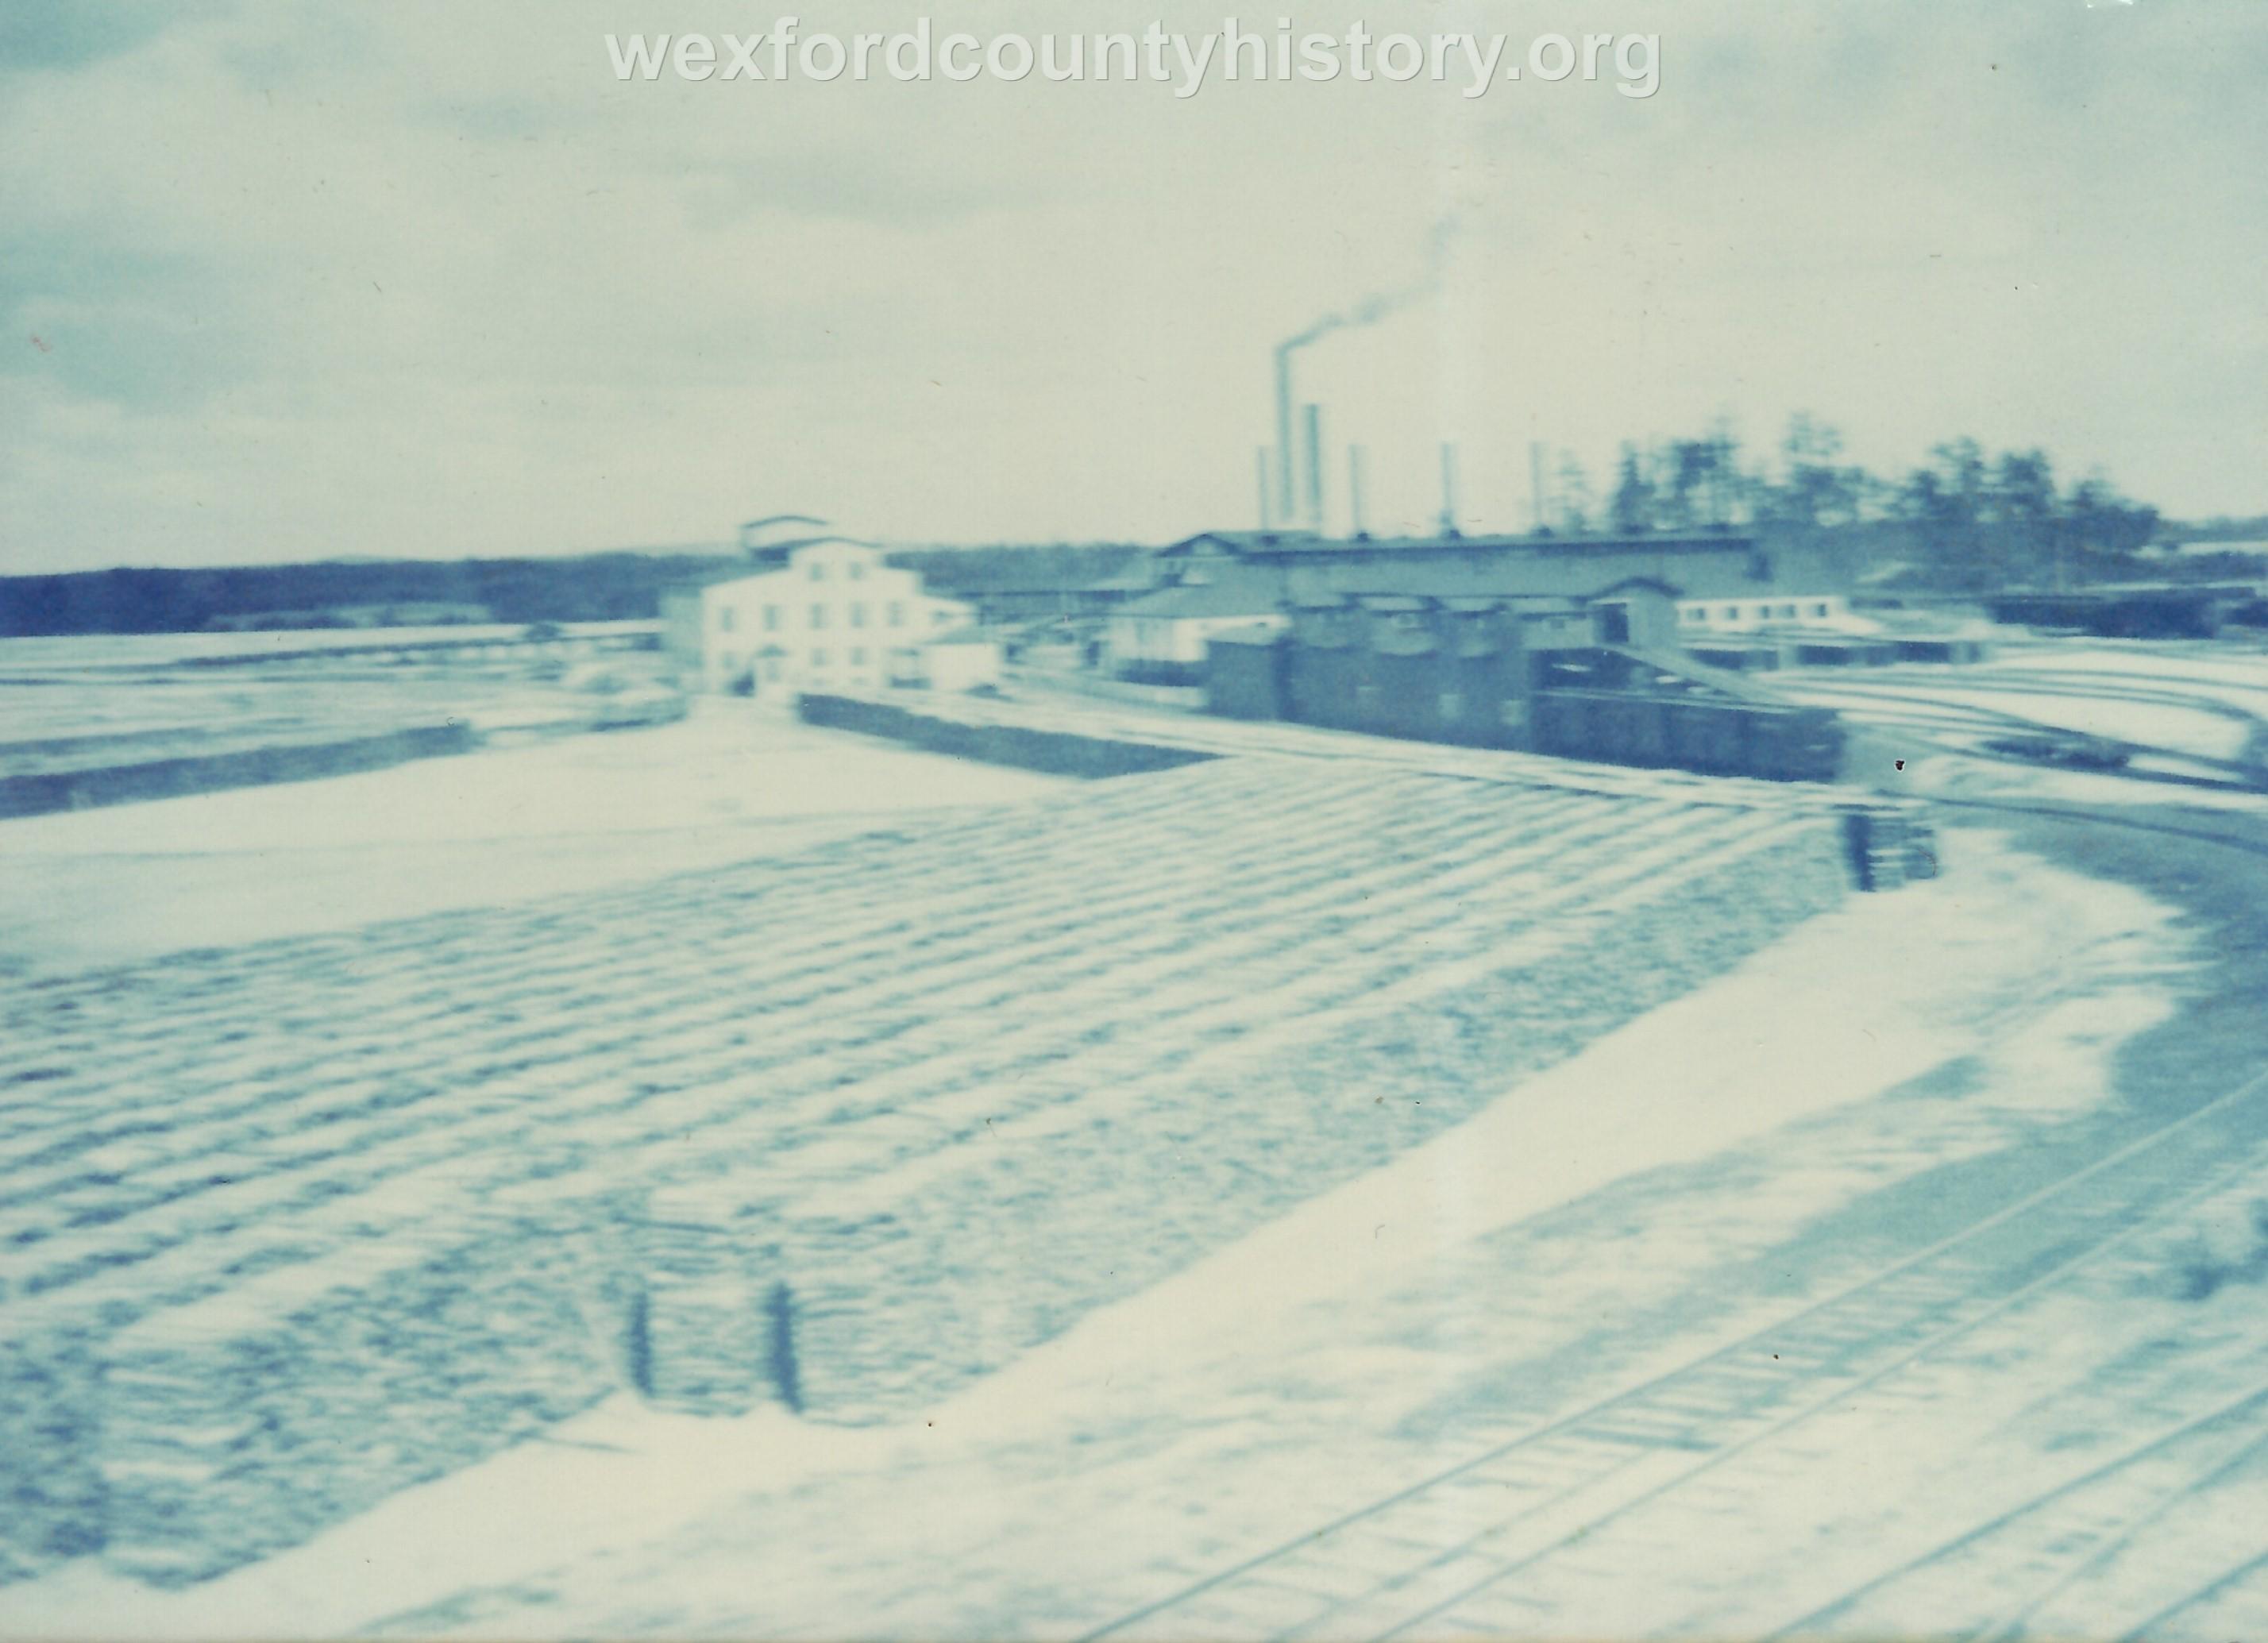 Cadillac-Lumber-Lumber-Yard